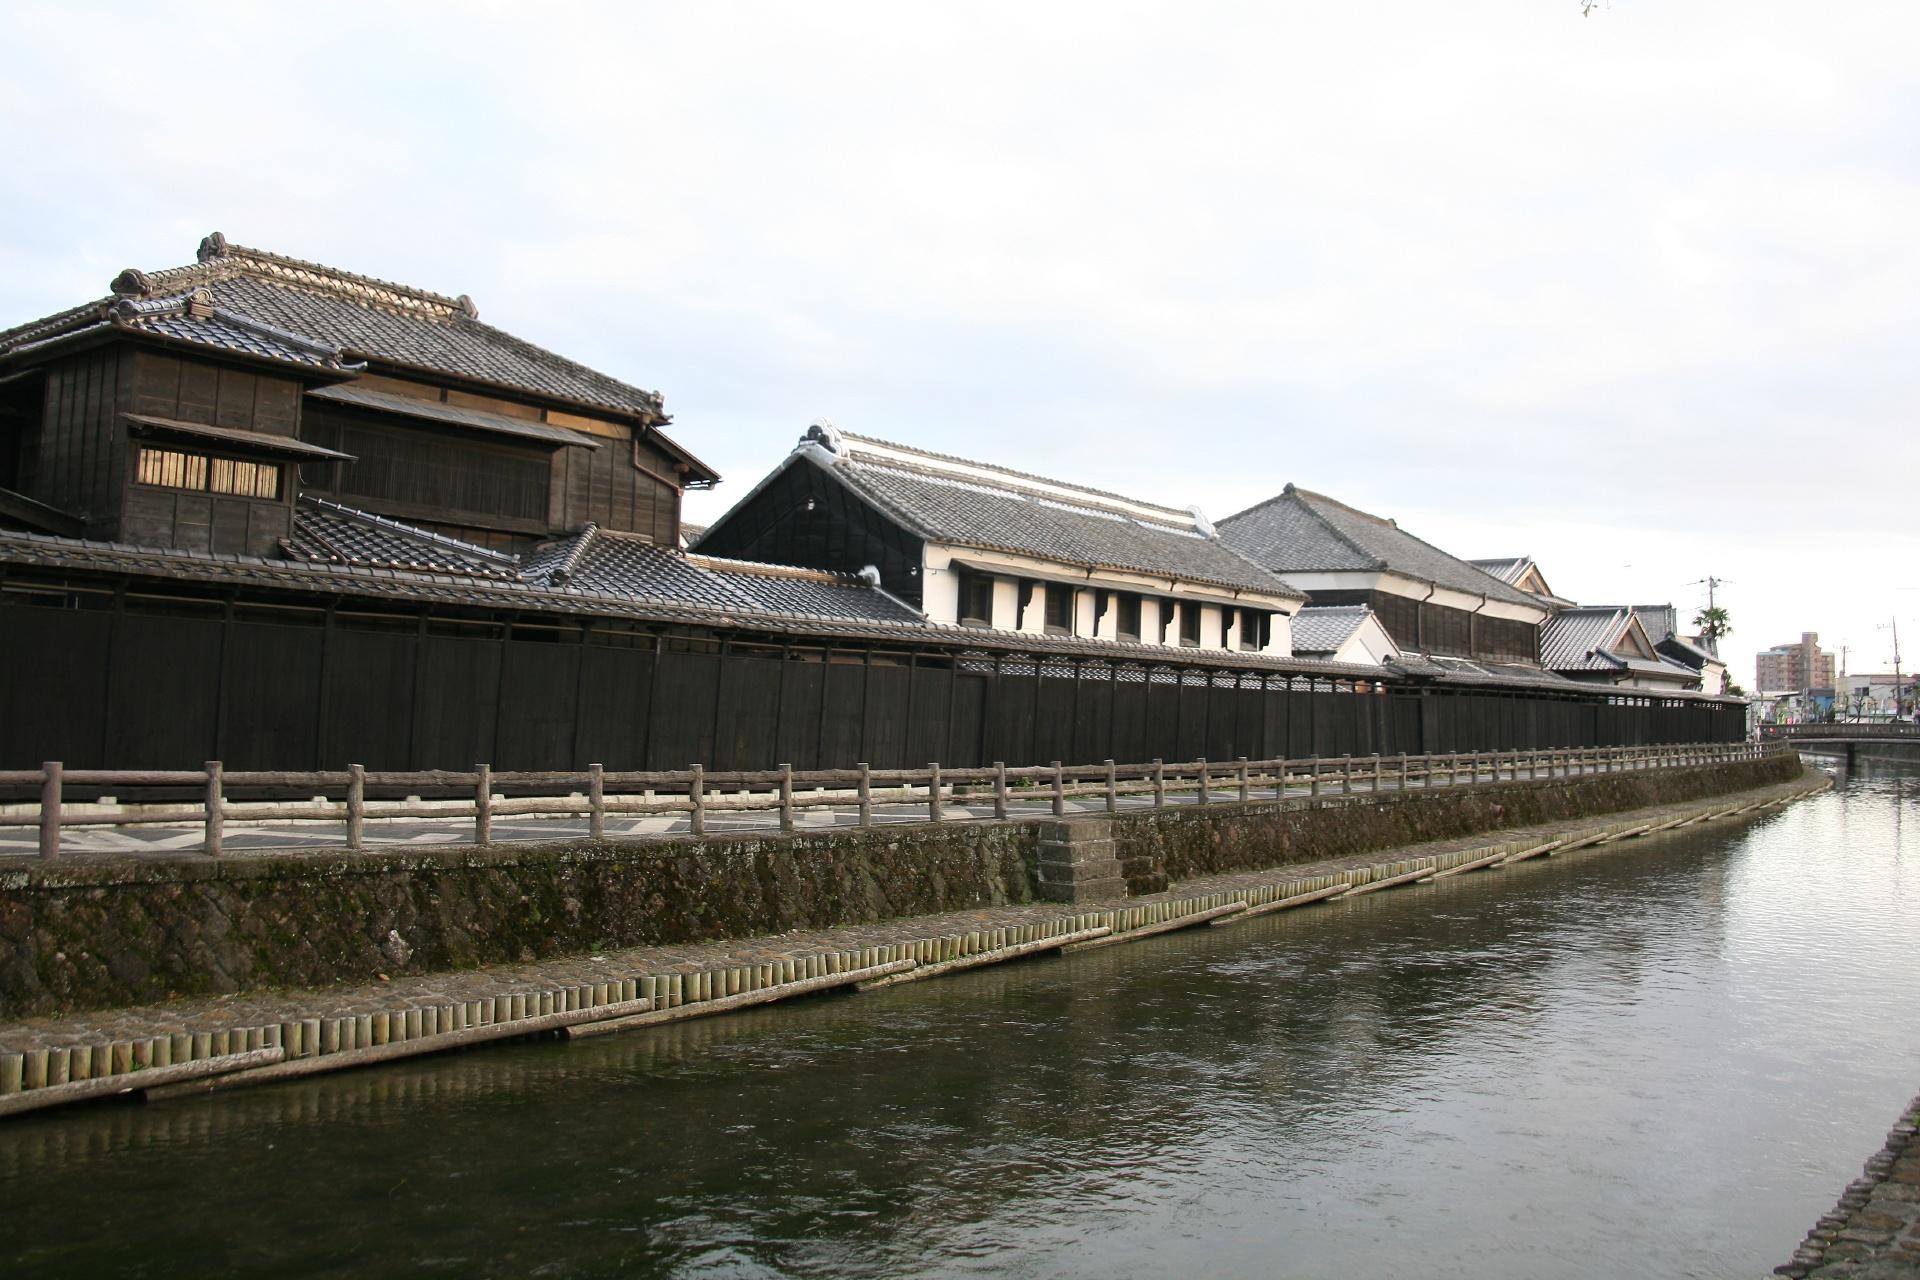 栃木市 蔵の町並み 巴波川沿いの風景 栃木の風景